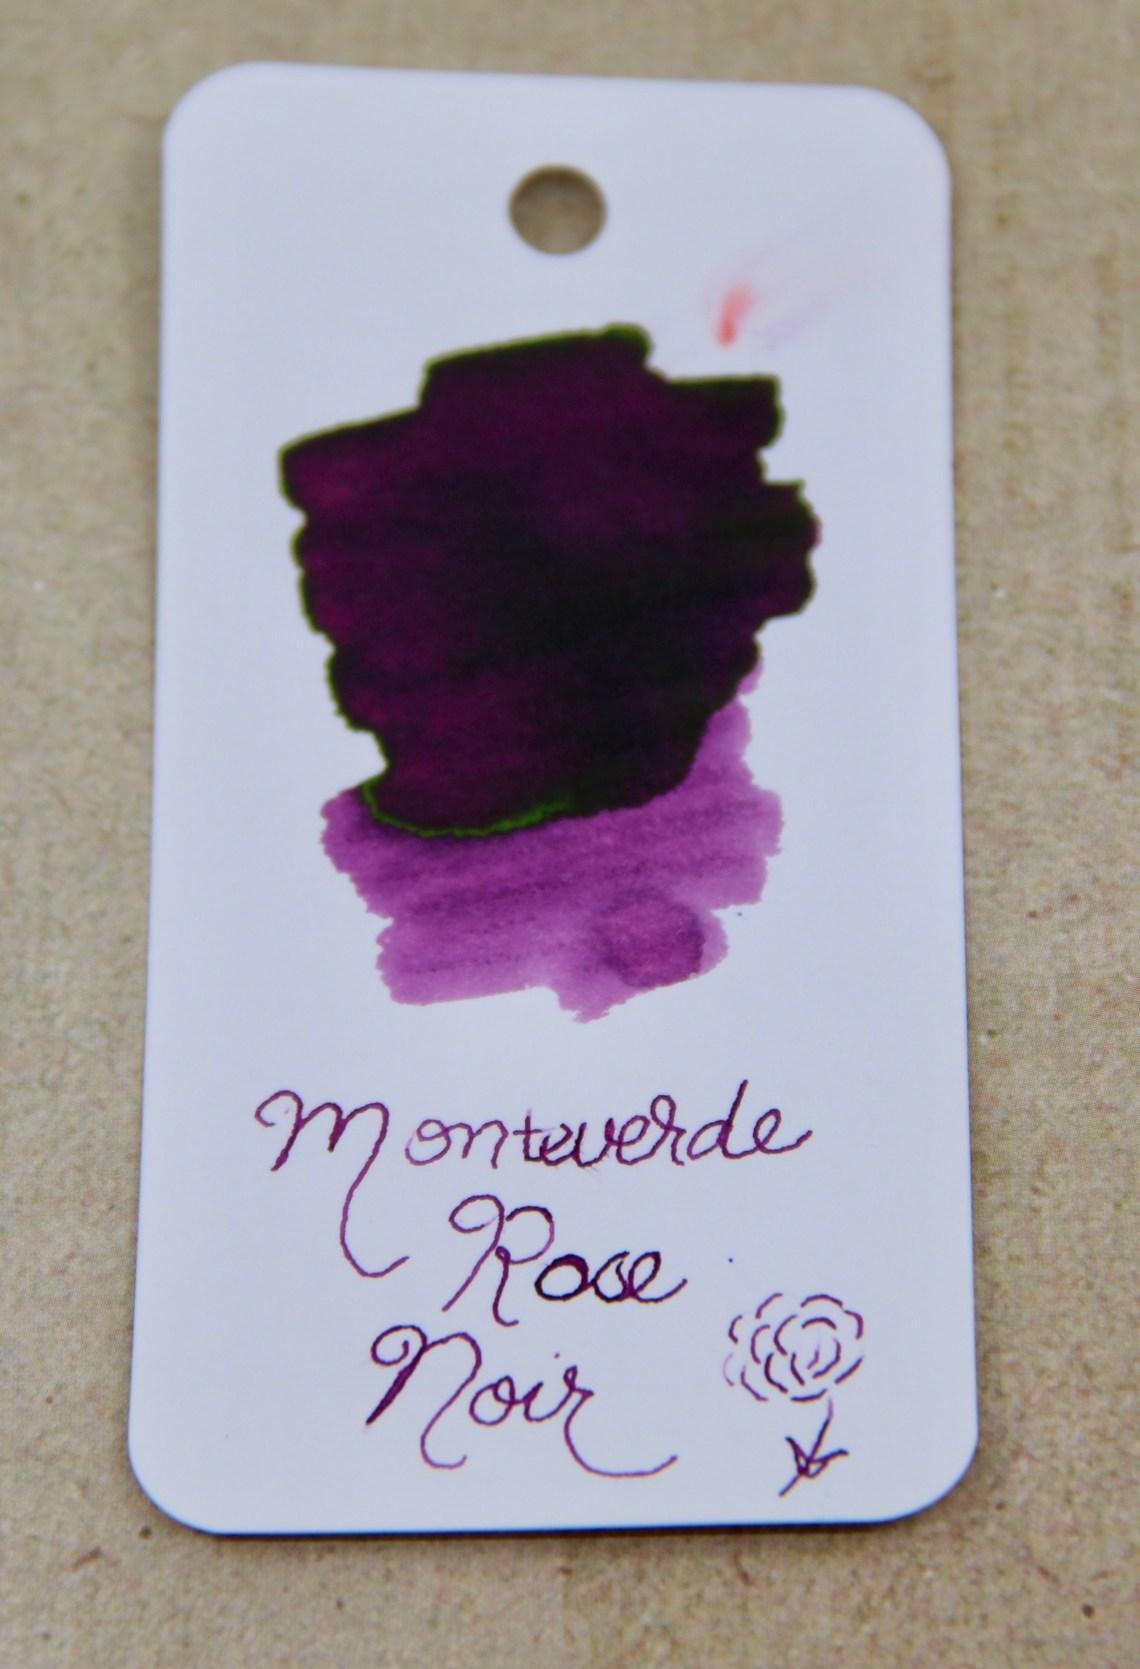 Monteverde Rose Noir